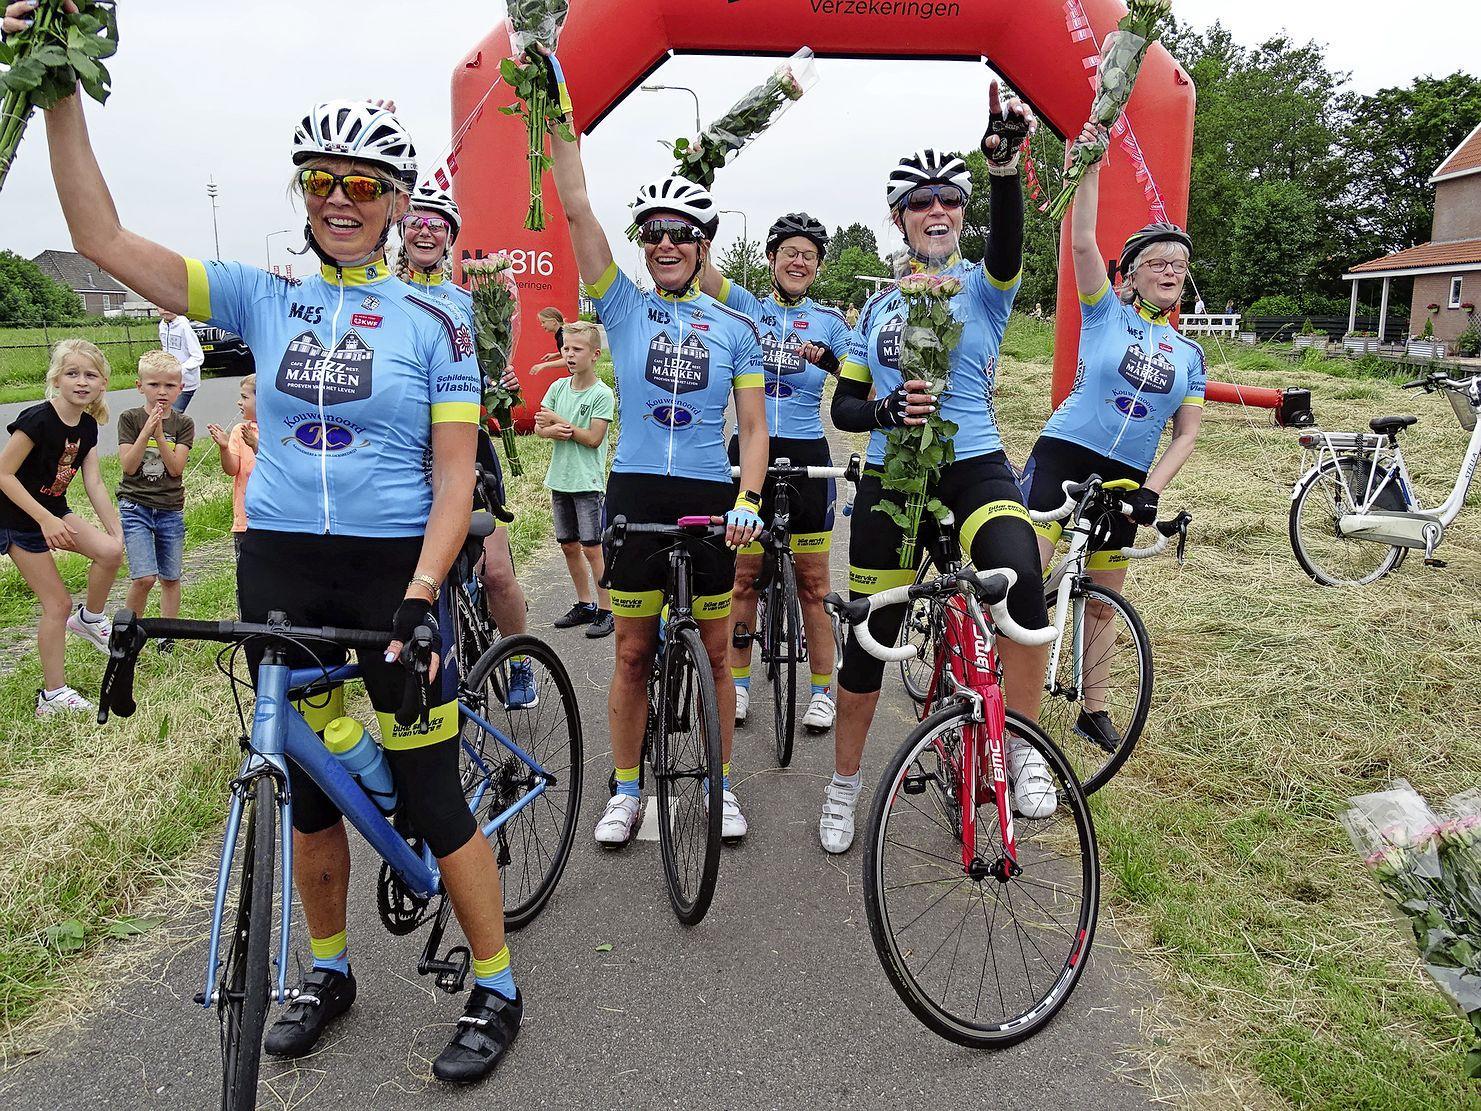 Charity Ride in Marken groot succes: Ruim 13.000 euro opgebracht voor het goede doel